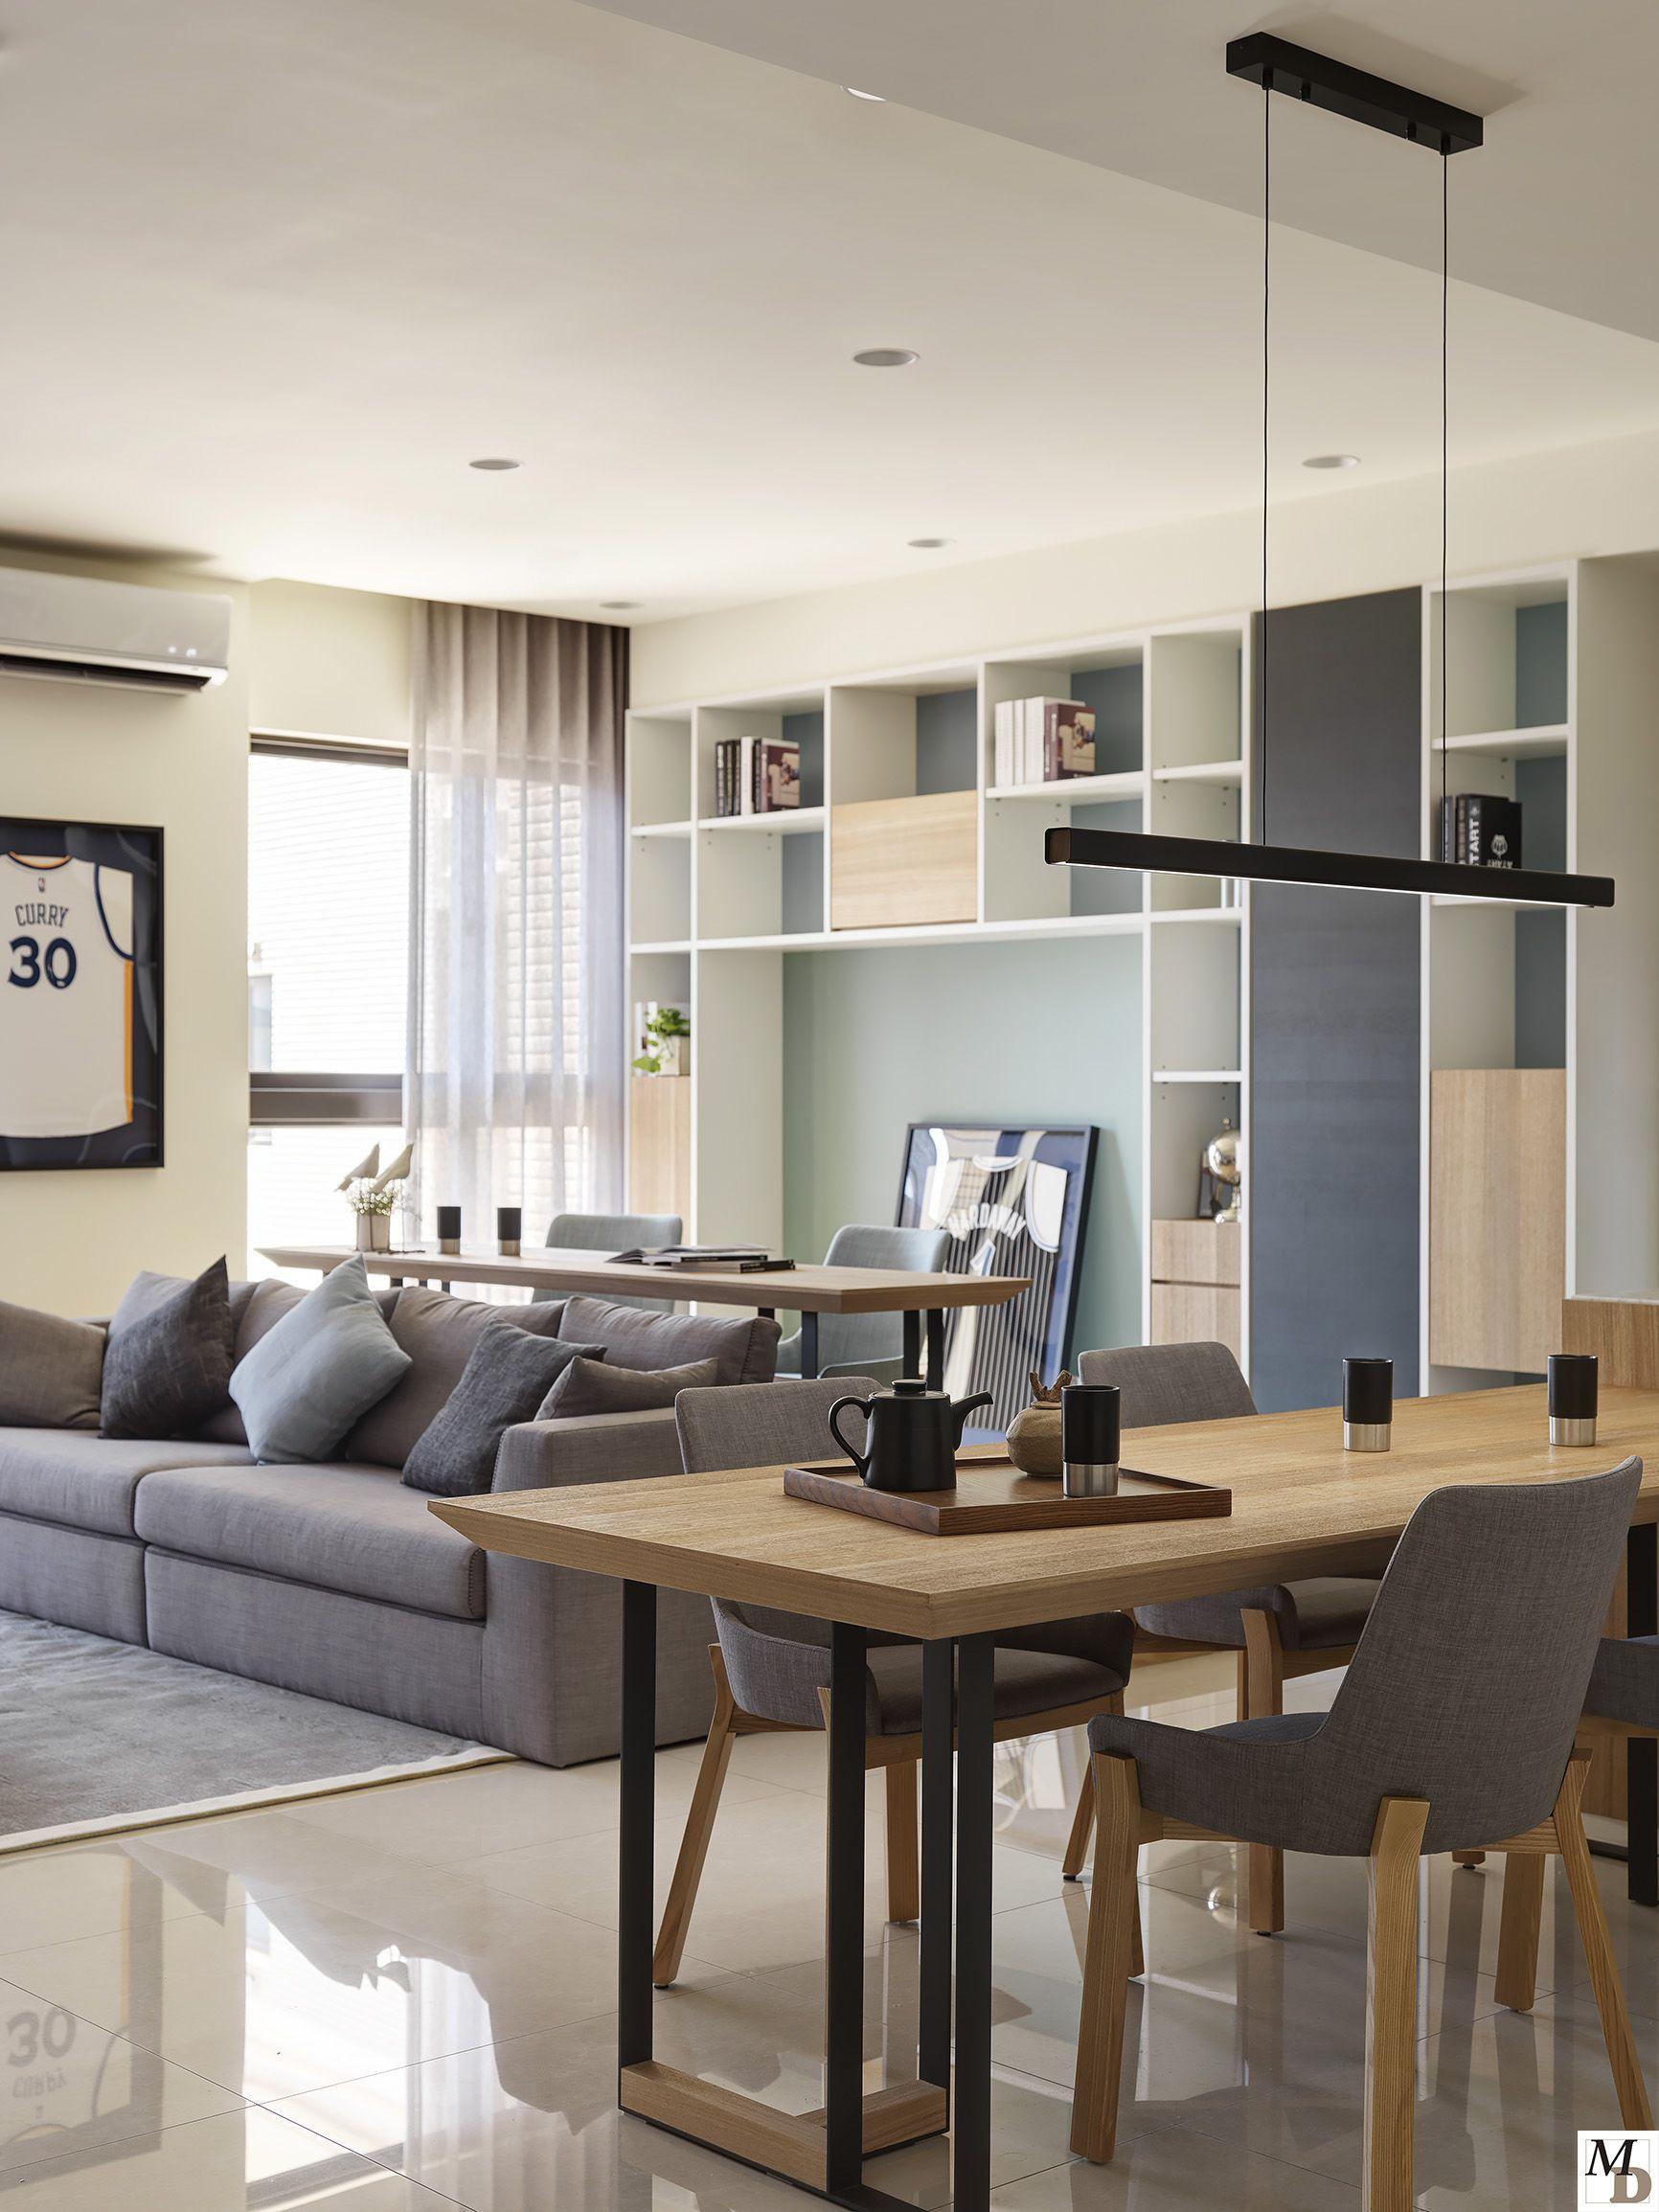 明代室內設計 室內設計 空間設計 明代 現代風 休閒風 療癒風 北歐風 自然宅 慢活設計 裝潢